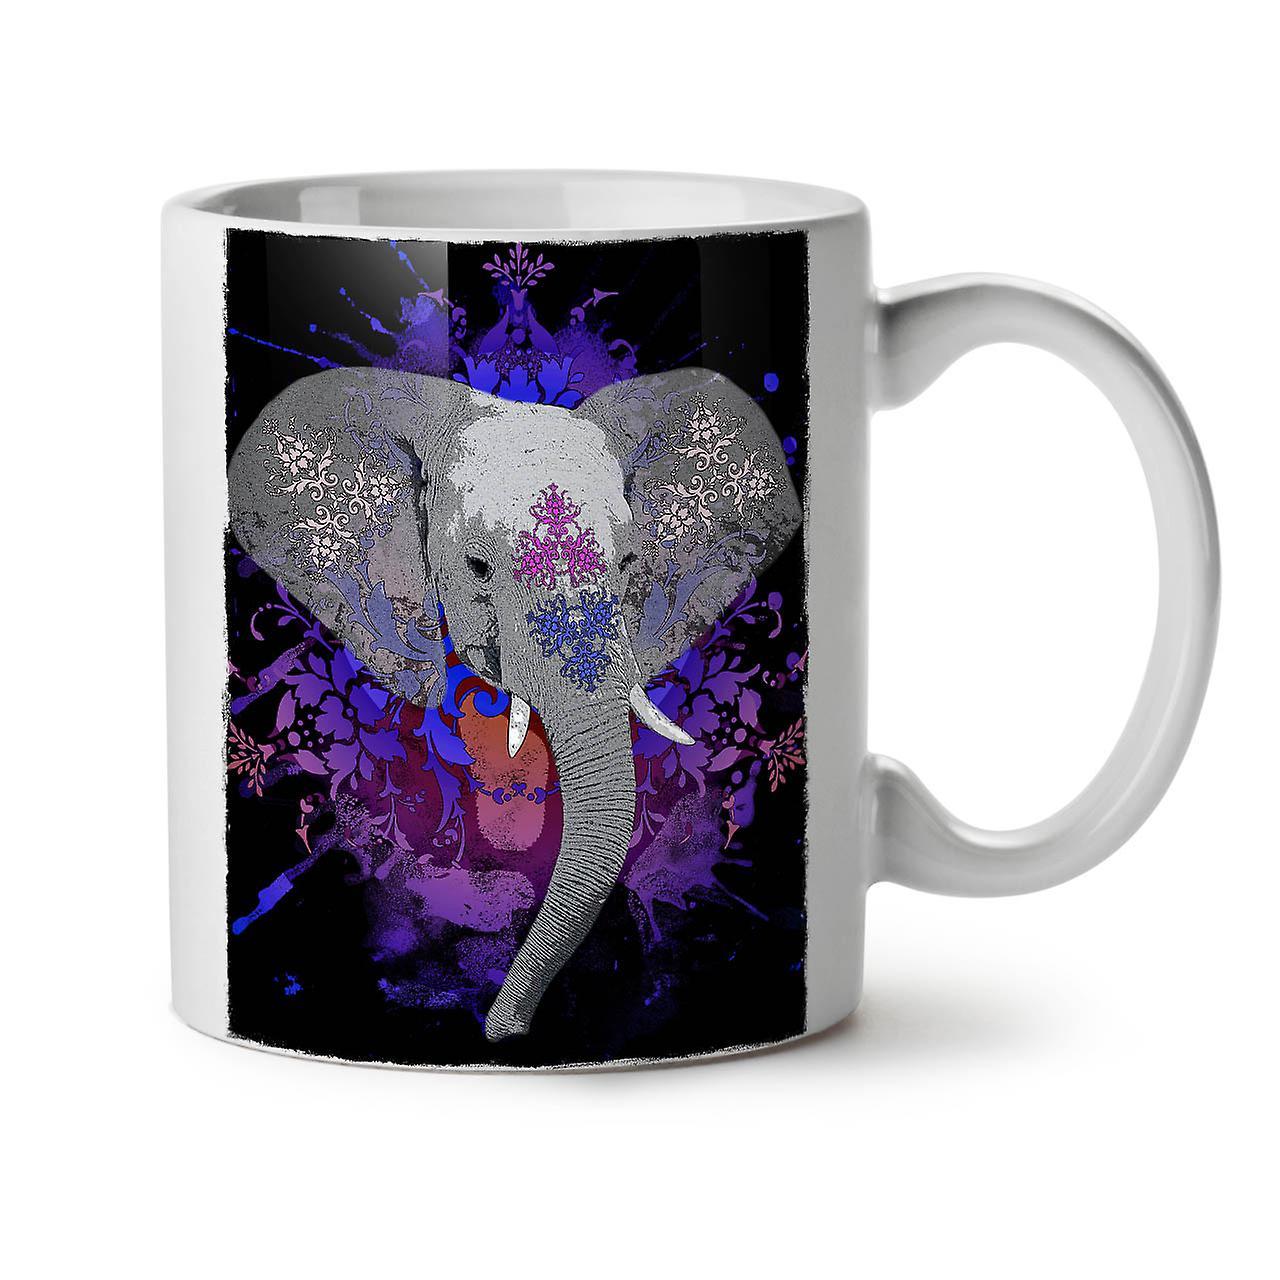 Nouveau Éléphant Thé 11 Blanc Café Indien OzWellcoda Tasse Céramique dxCthQsr